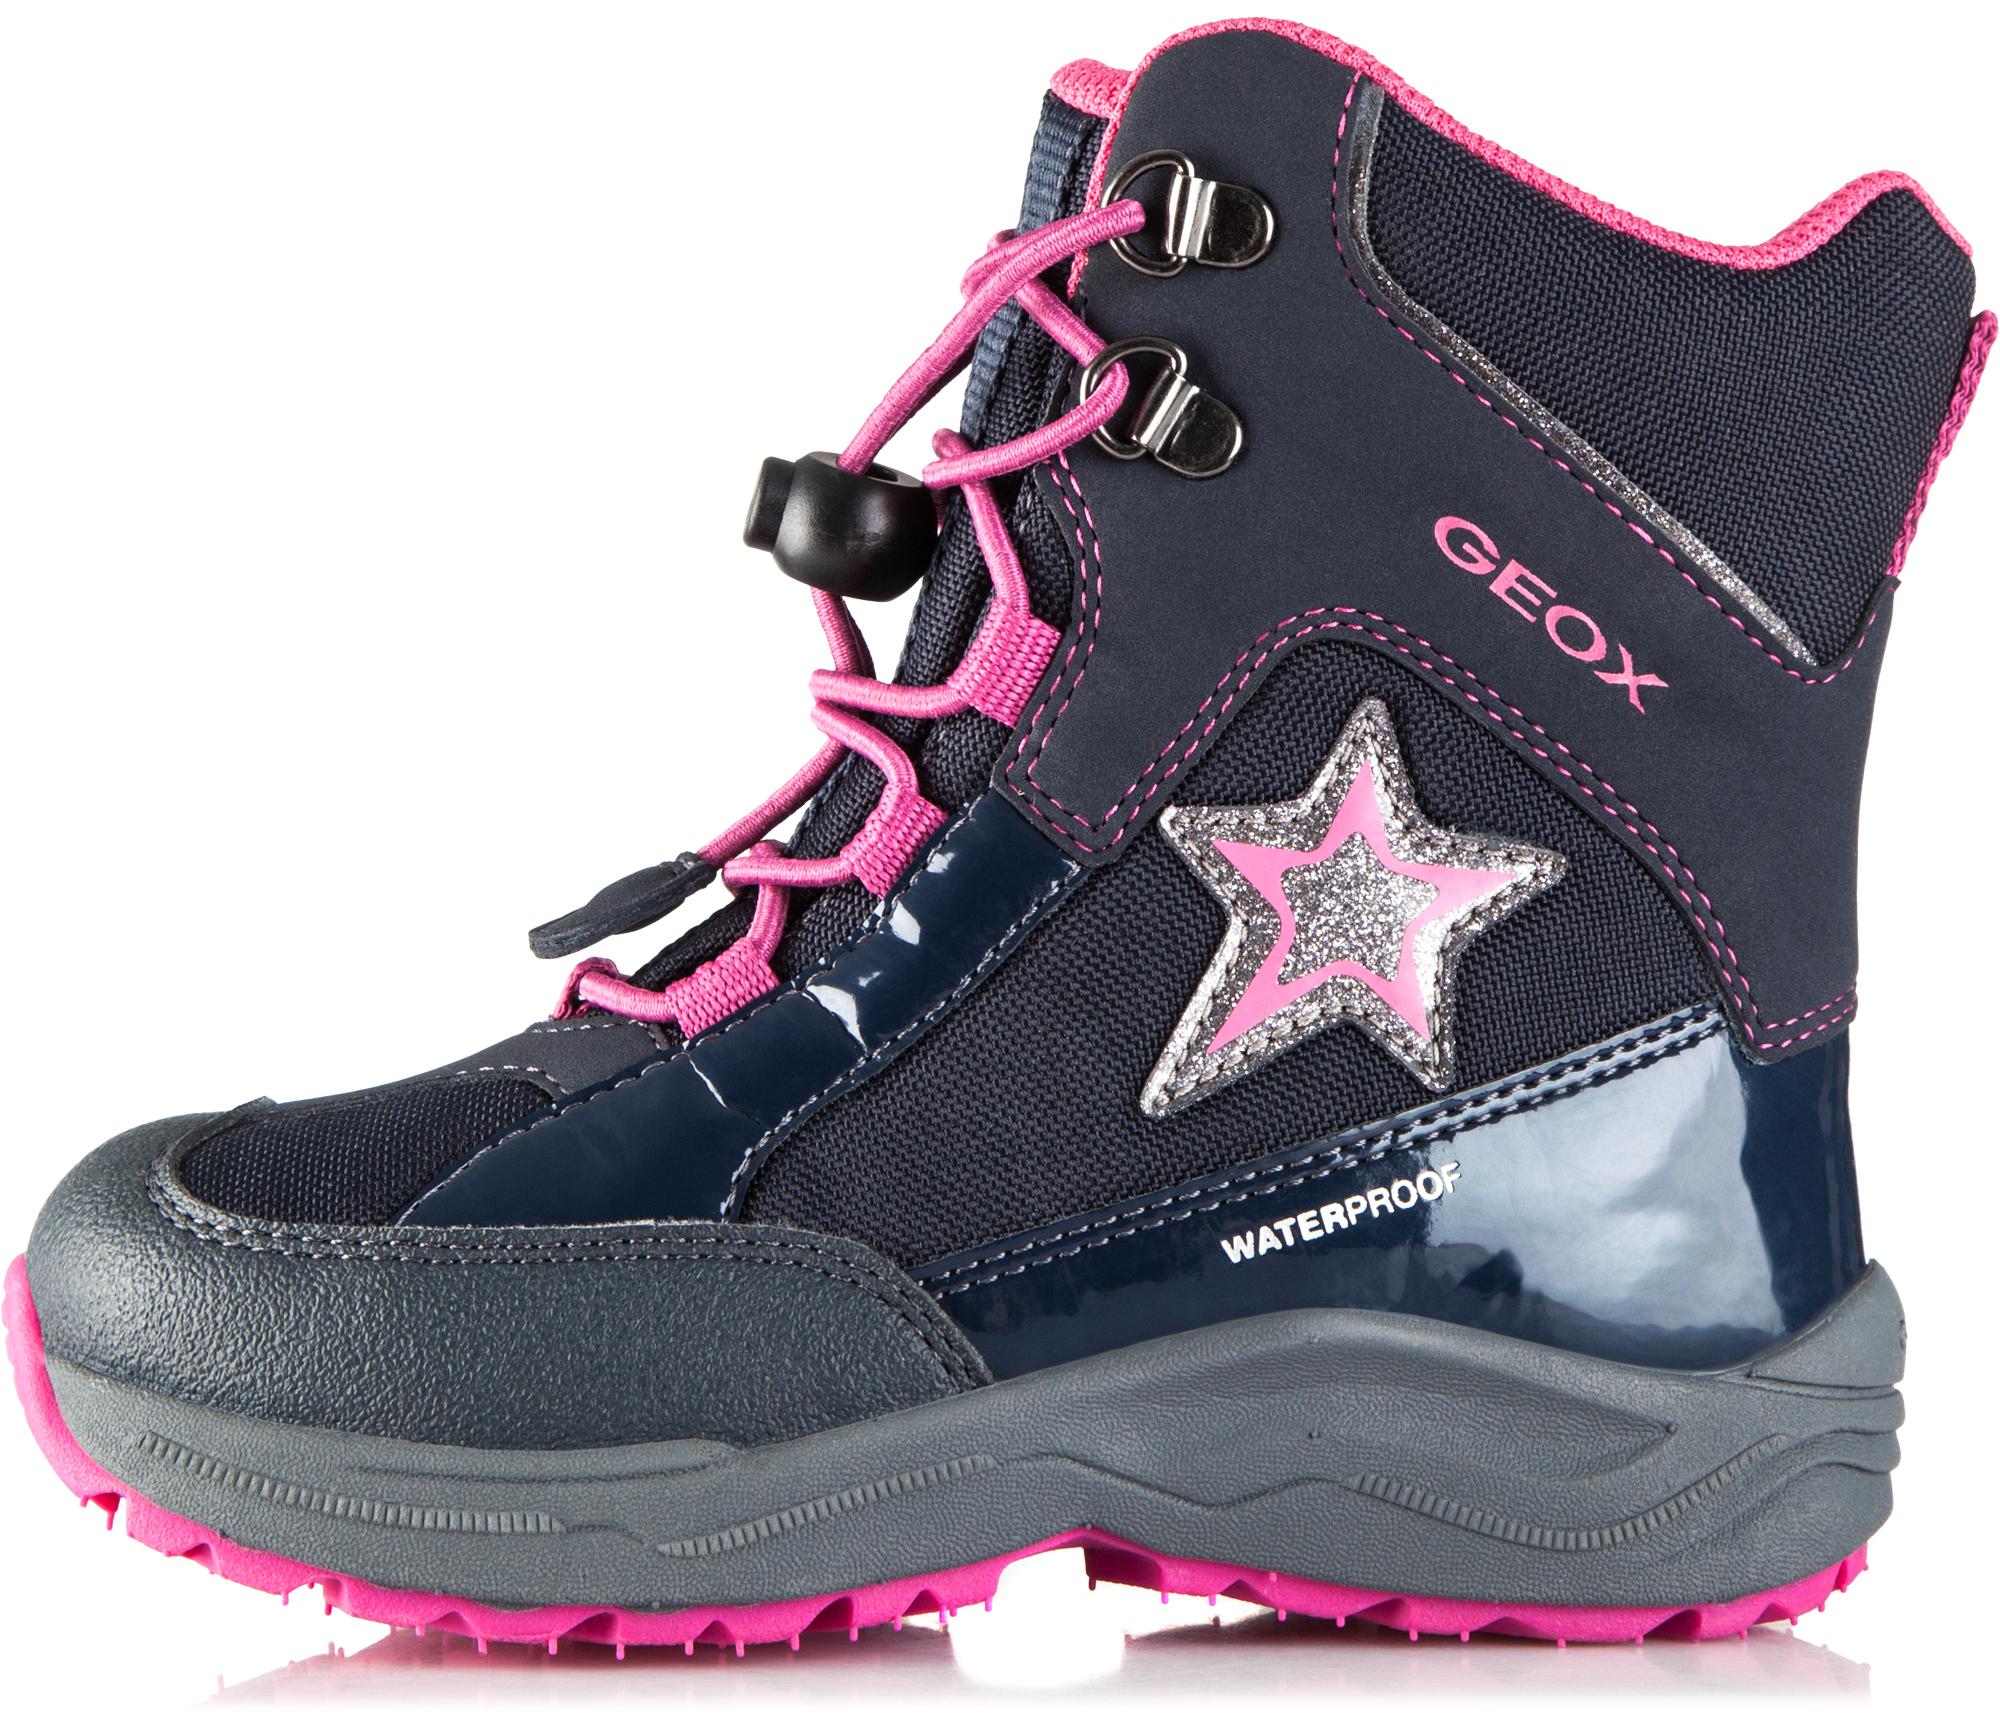 Geox Сапоги утепленные для девочек New Alaska, размер 31